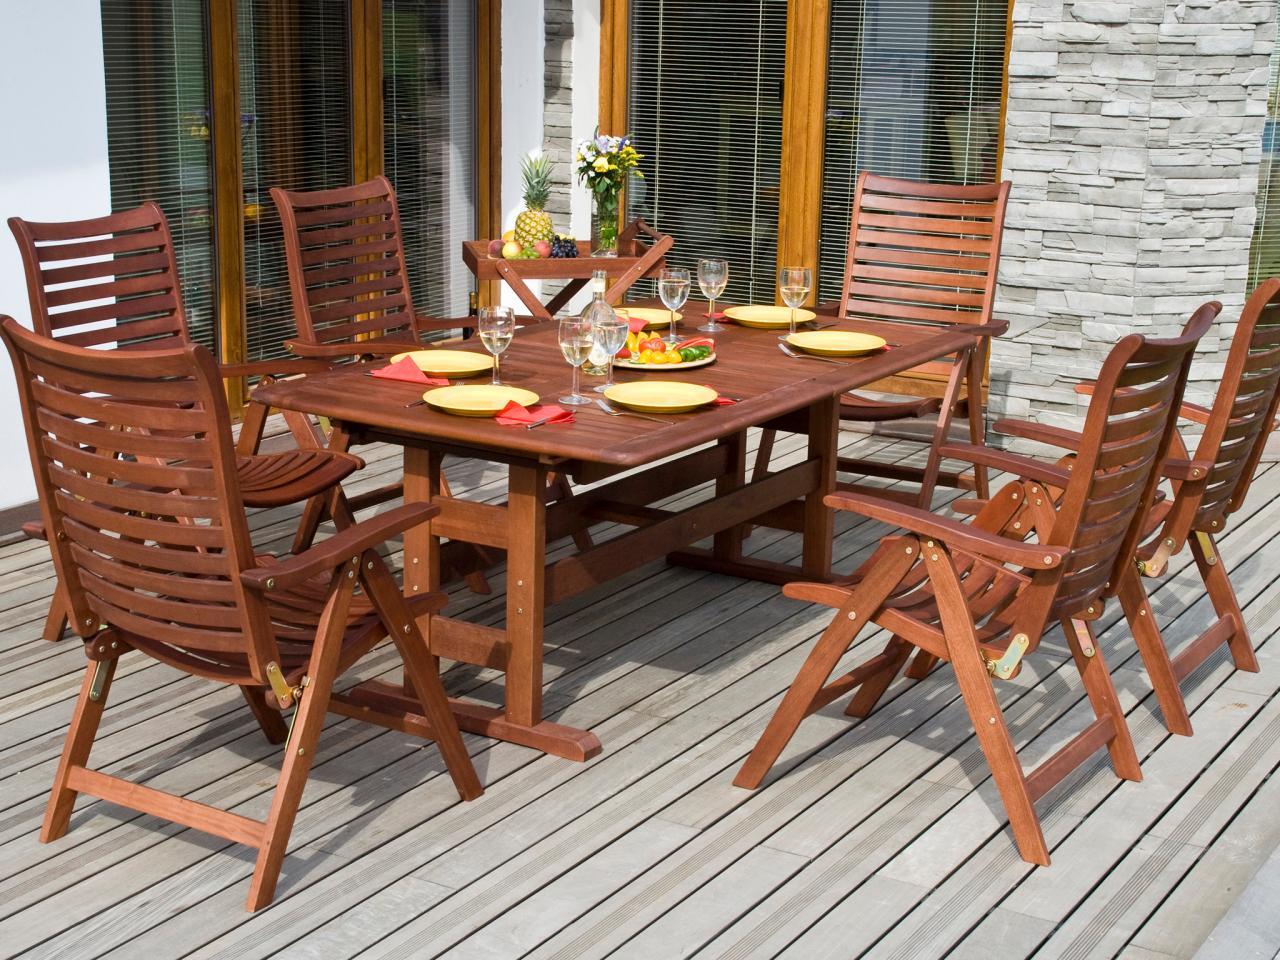 teak outdoor furniture teak patio furniture MWKSJJS